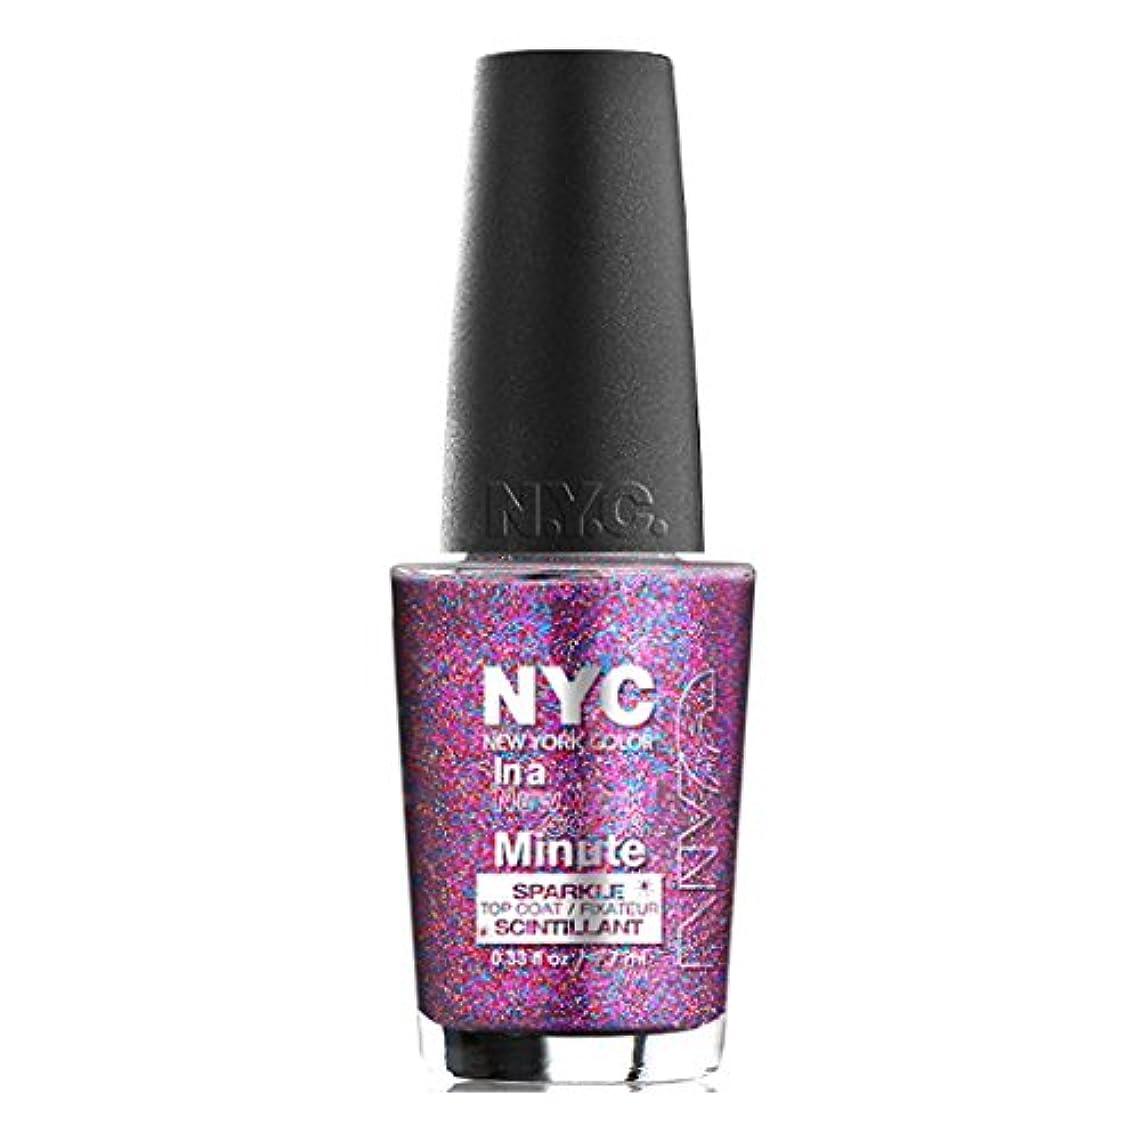 寺院楽しませる謝る(3 Pack) NYC In A New York Color Minute Sparkle Top Coat - Big City Dazzle (並行輸入品)